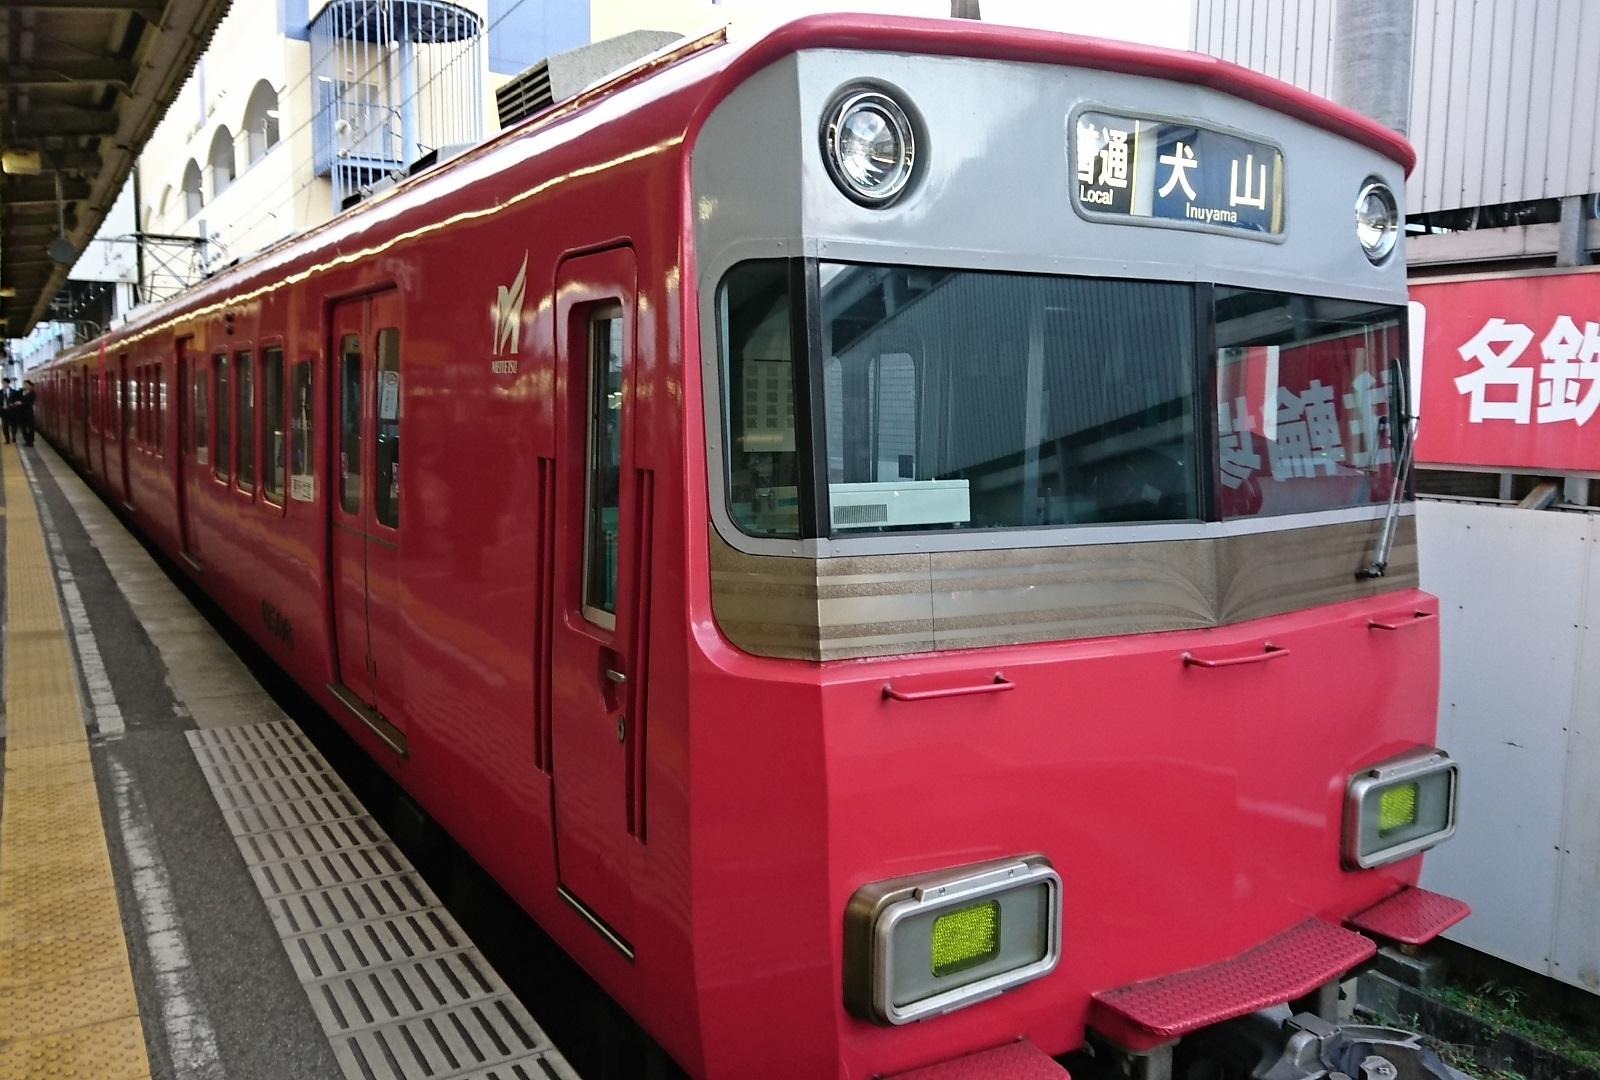 2017.1.12 (60) 東岡崎 - 犬山いきふつう(6506)1600-1080